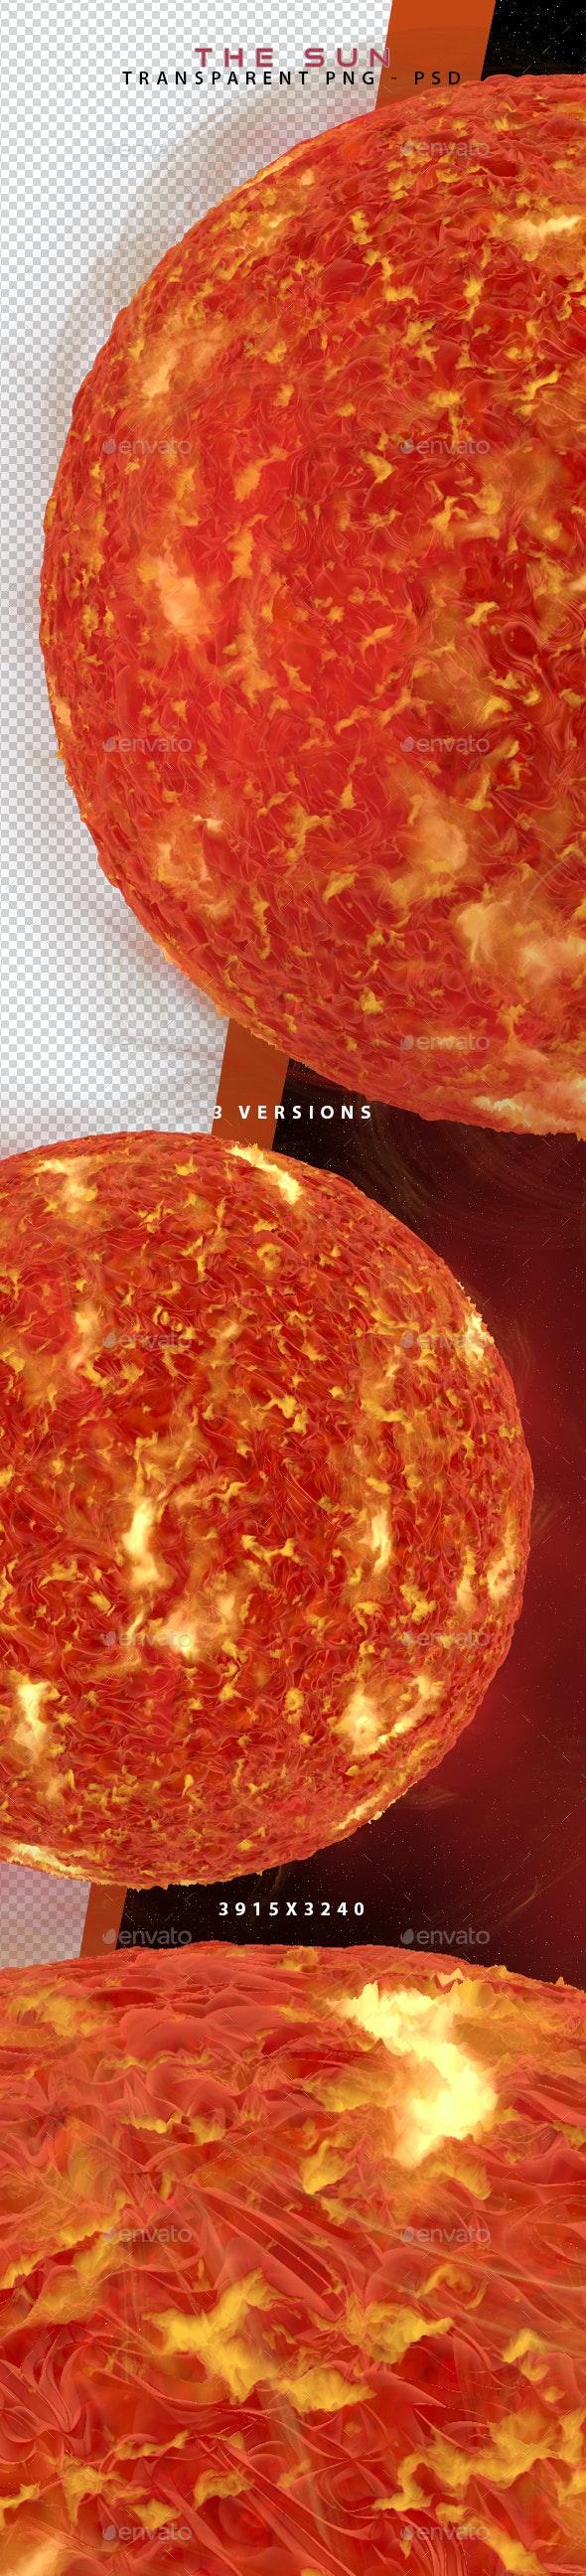 The Sun 3D Renders - Objects 3D Renders